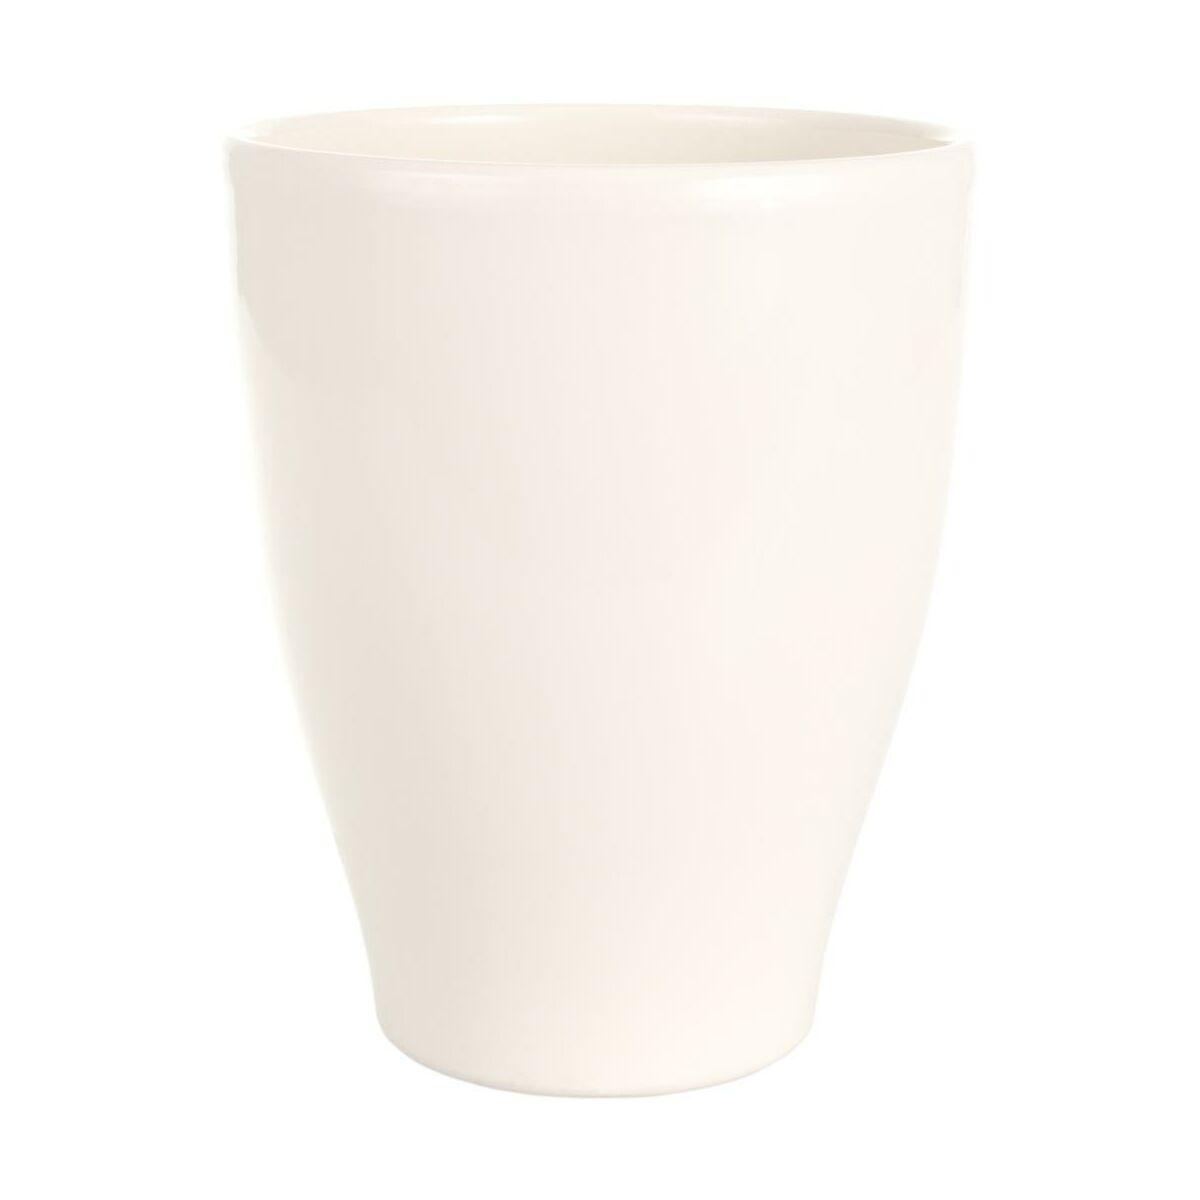 Osłonka Do Storczyka Mini 85 Cm Ceramiczna Biała Cermax